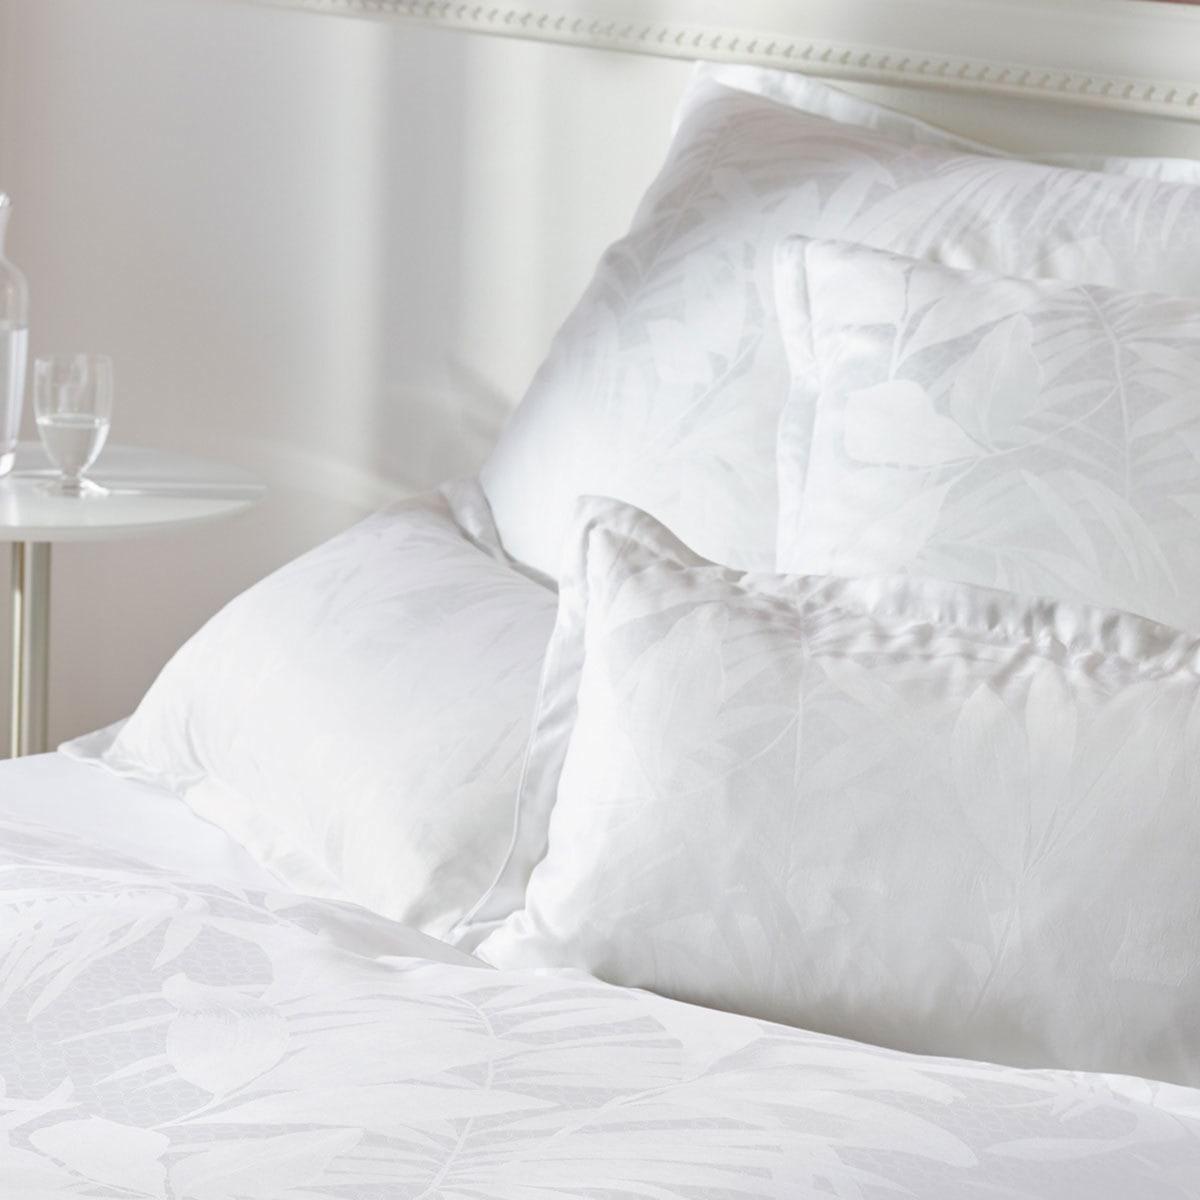 curt bauer mako brokat damast bettw sche cannes weiss g nstig online kaufen bei bettwaren shop. Black Bedroom Furniture Sets. Home Design Ideas